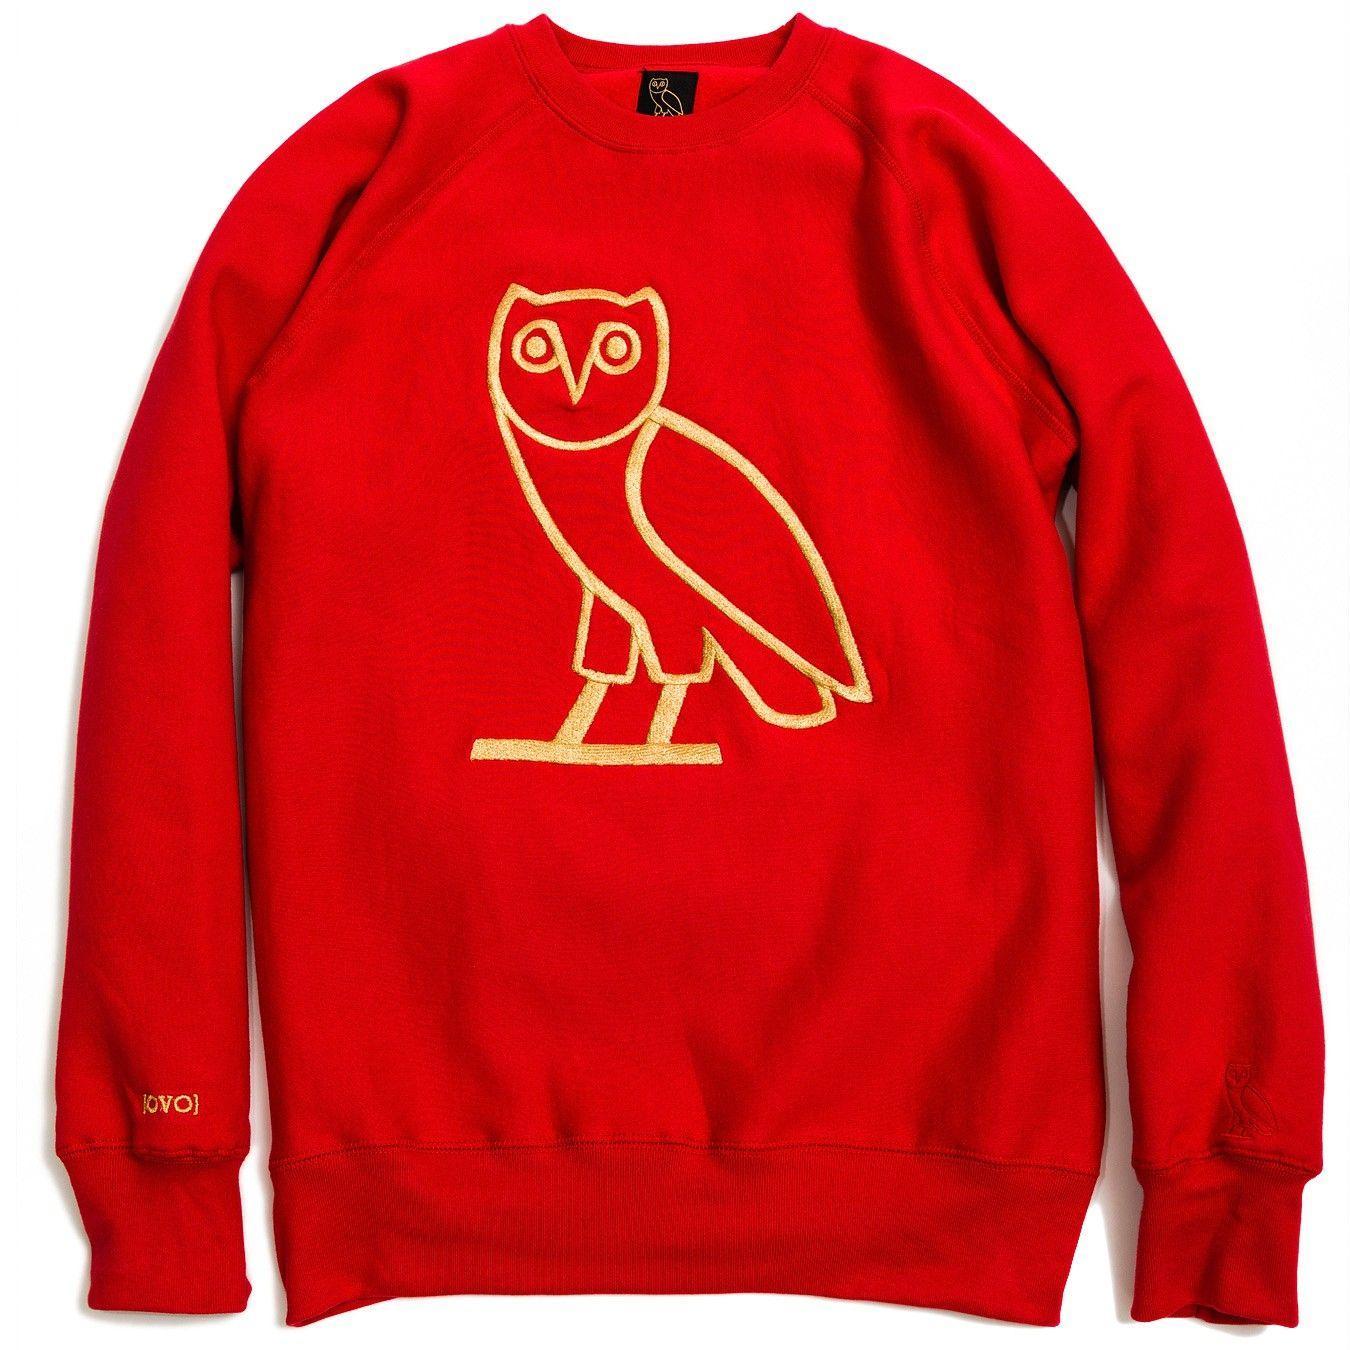 a14441811979d ORIGINAL OWL OVO  150